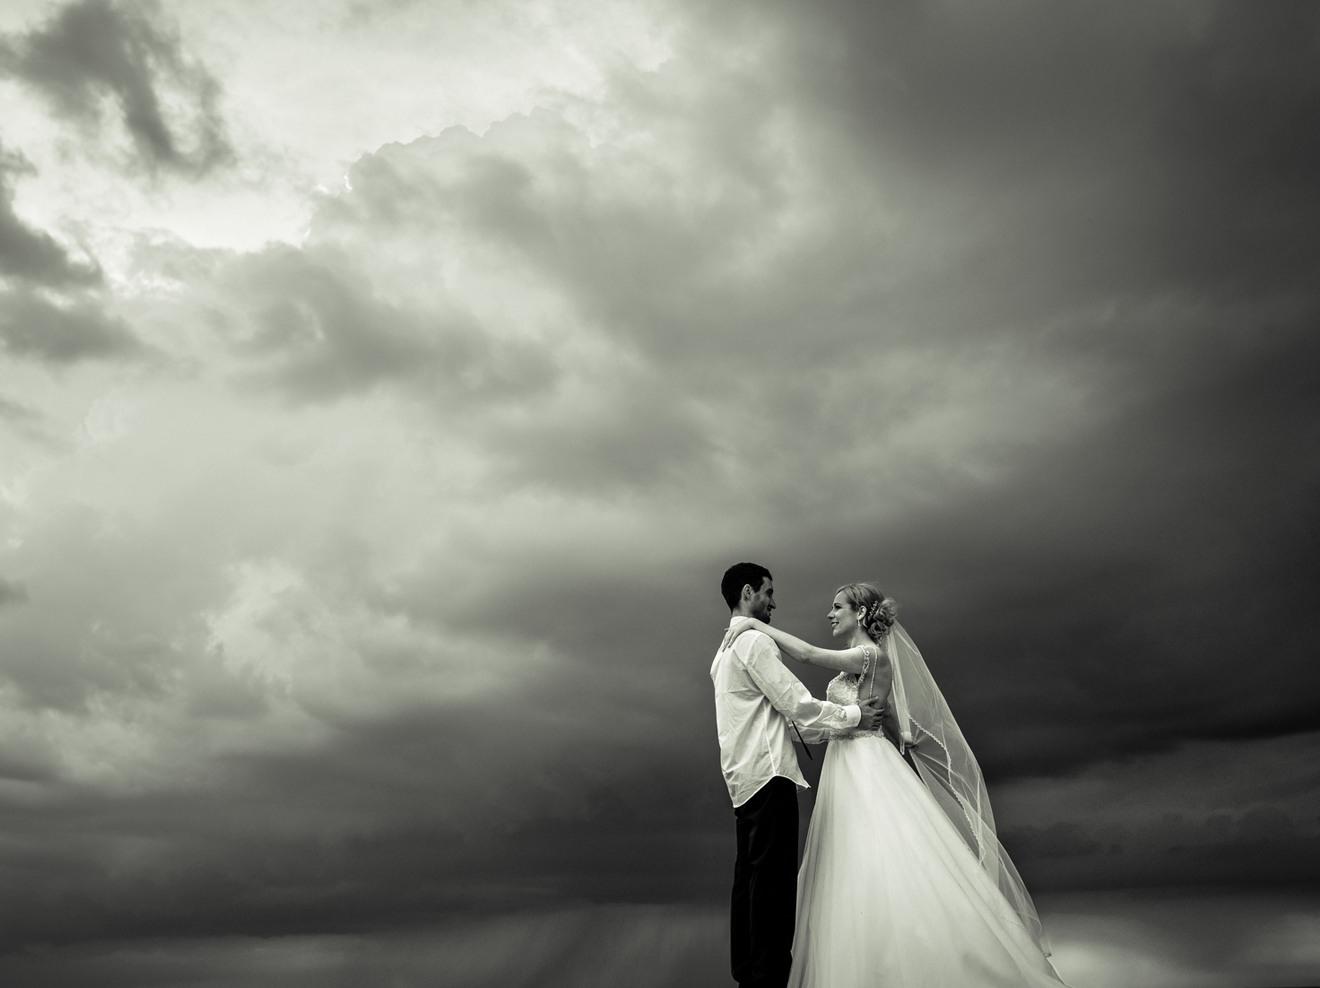 Traumdeutung Hochzeit: Was Es Mit Dem Traum Auf Sich Hat